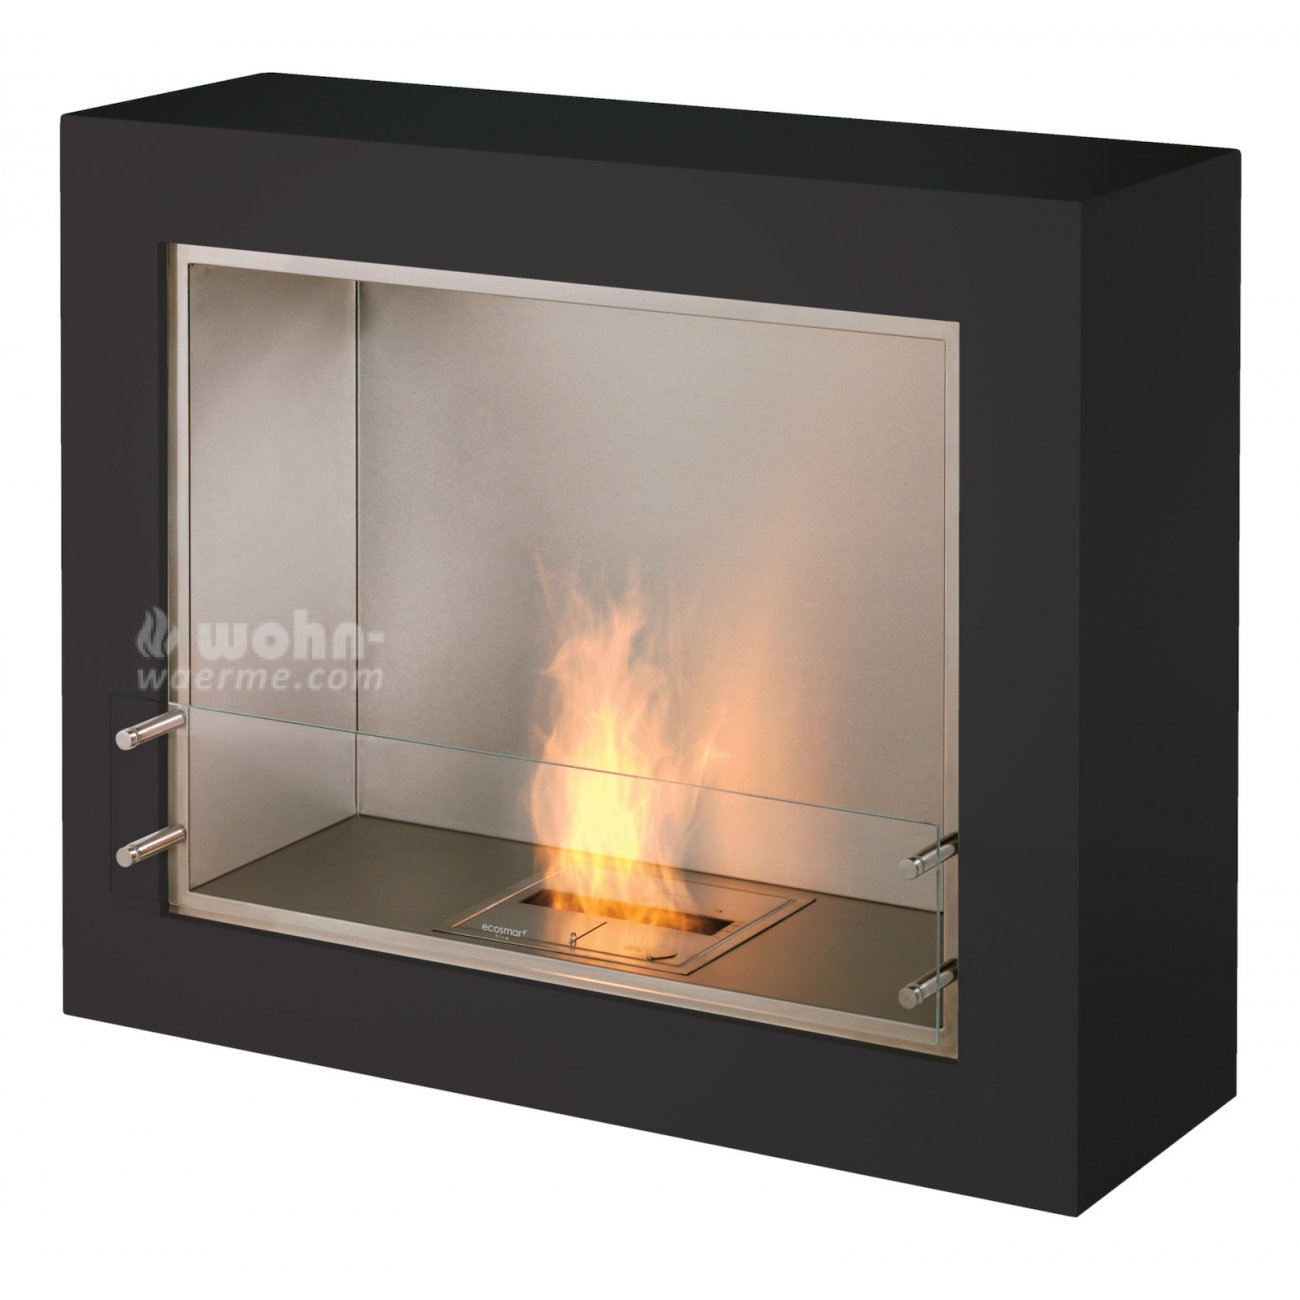 ethanol stand kamin ecosmart aspect. Black Bedroom Furniture Sets. Home Design Ideas